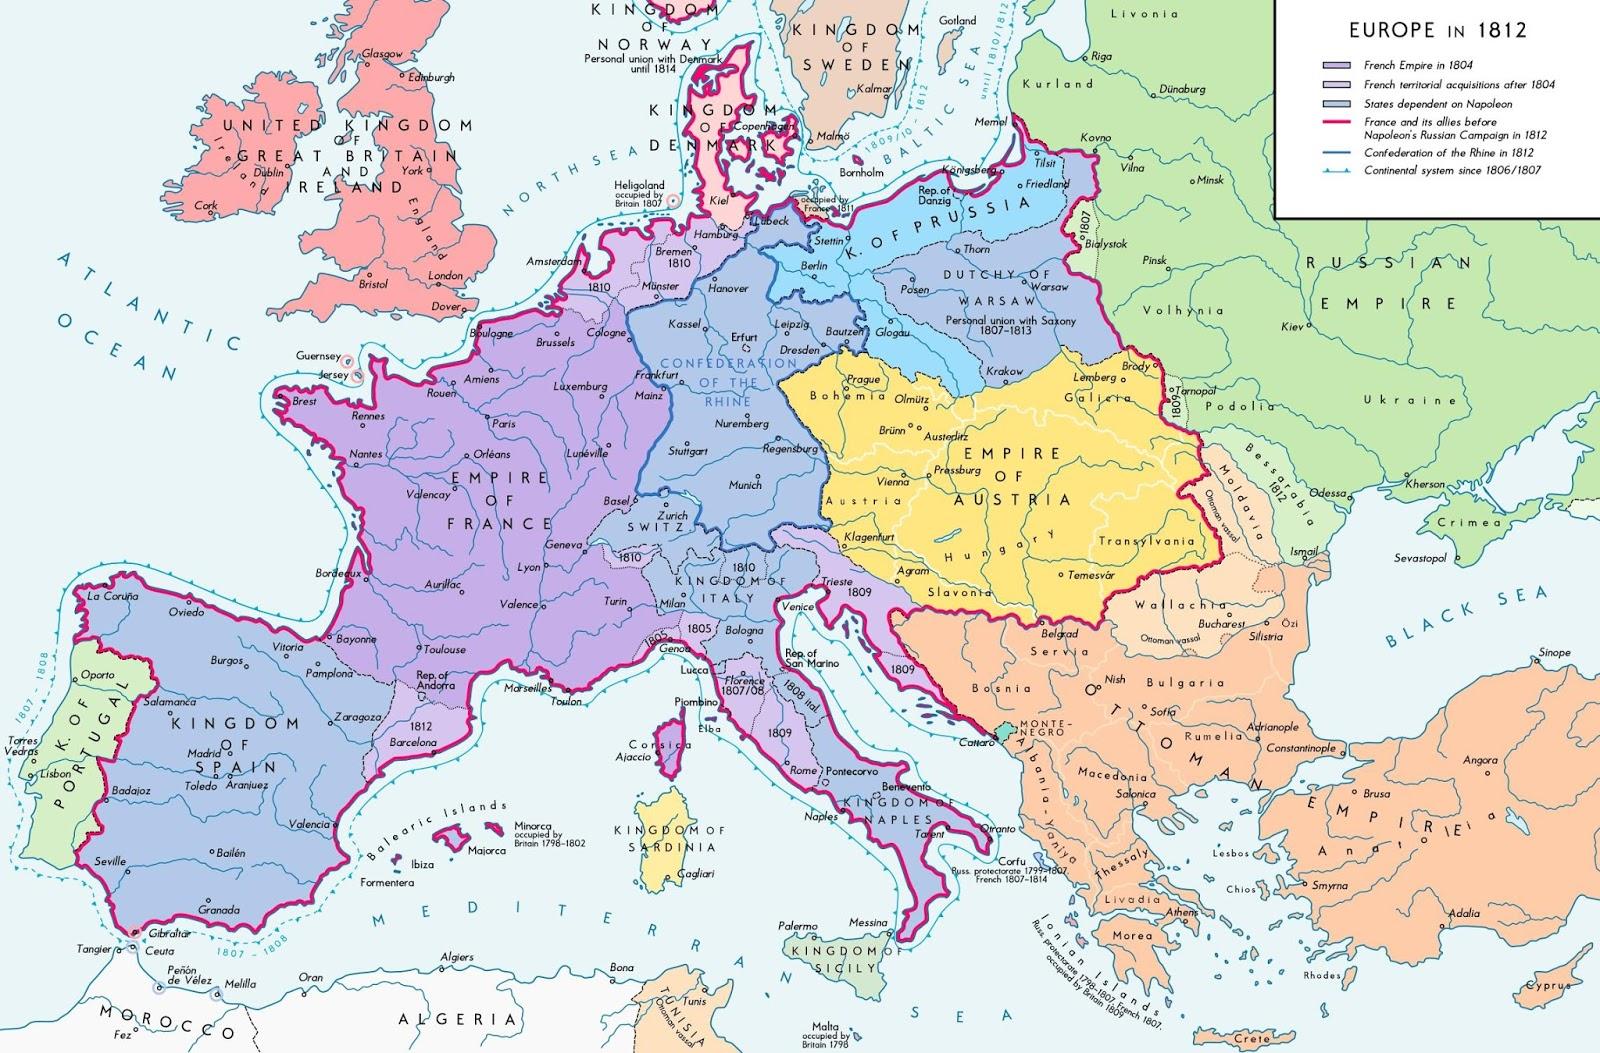 Napoleonic Europe in 1812